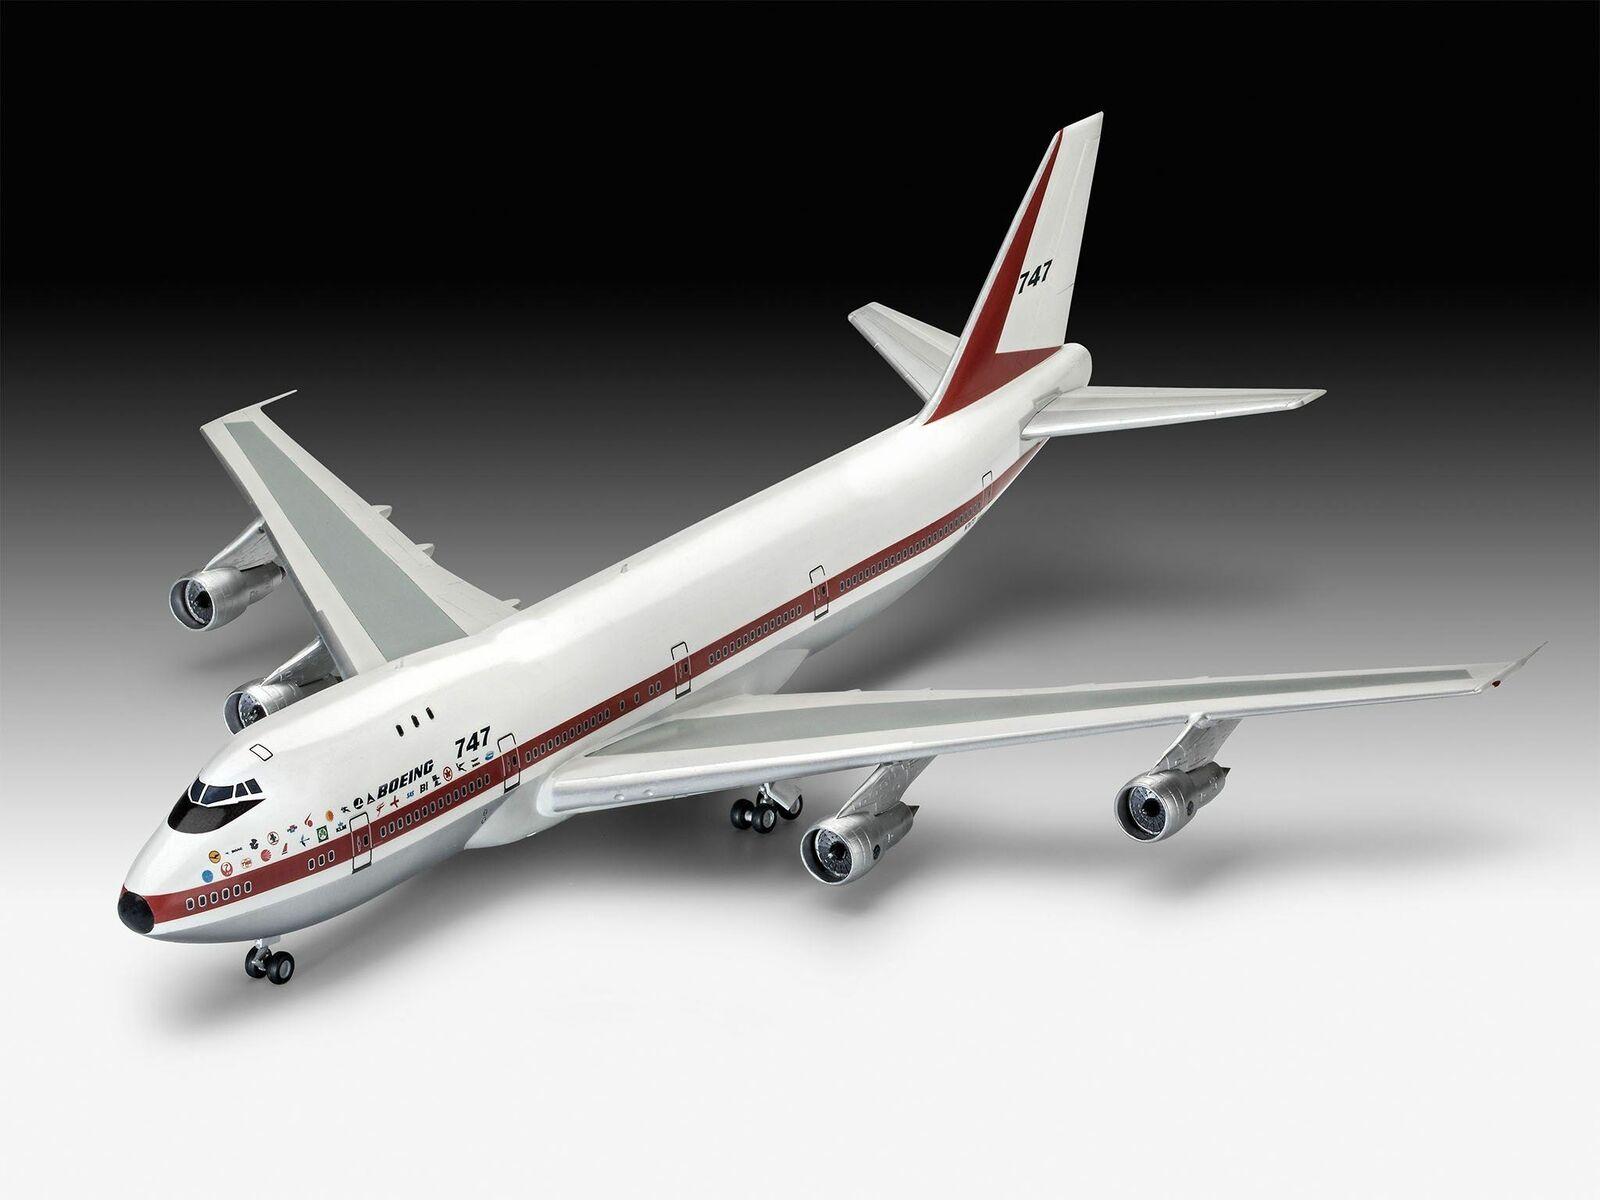 Revell 1 144 05686 Boeing 747 -100 a 50 -årsjubileum Gift modellllerlerl för flygagagplansutrustning